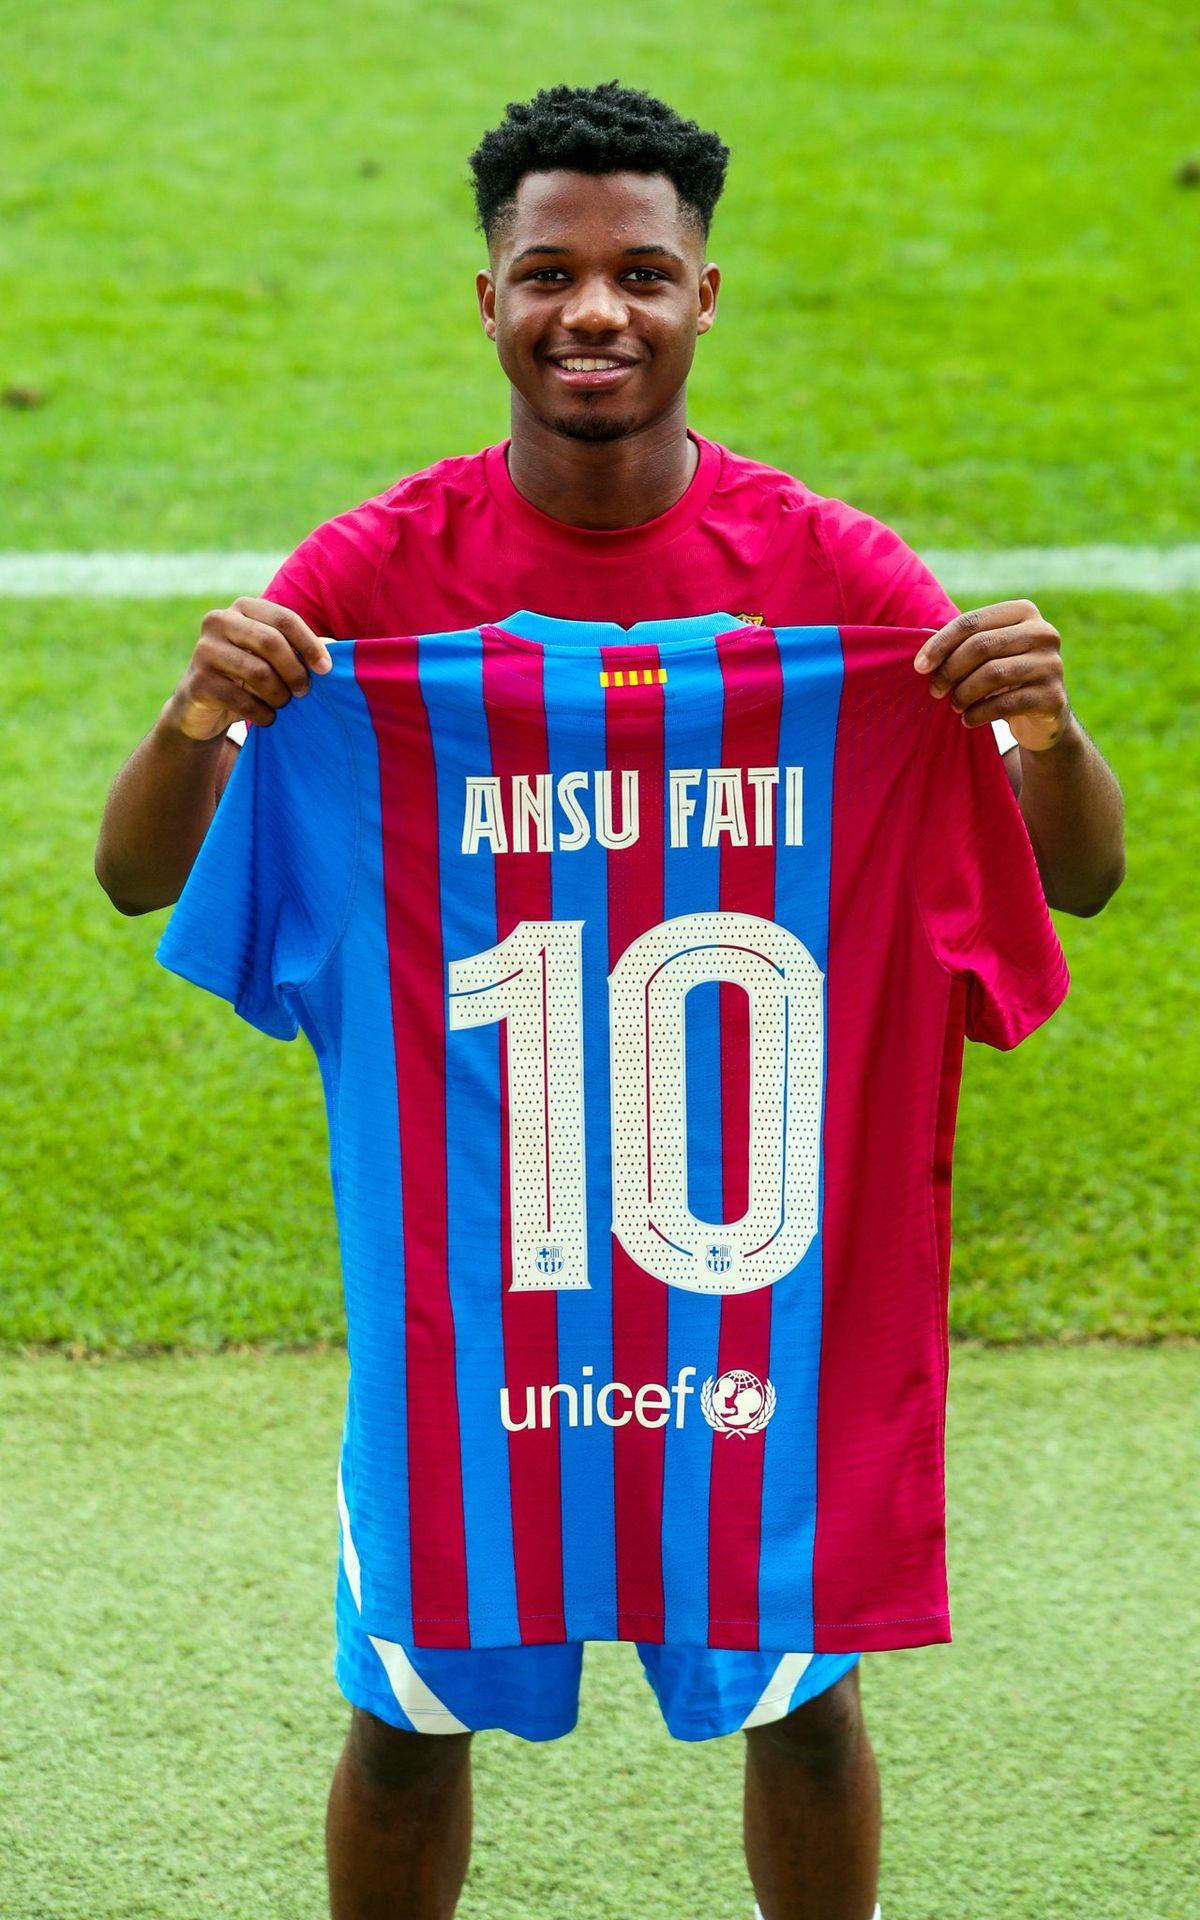 Ansu Fati con la 10 del Barcelona que usaron desde Diego Maradona hasta Lionel Messi.